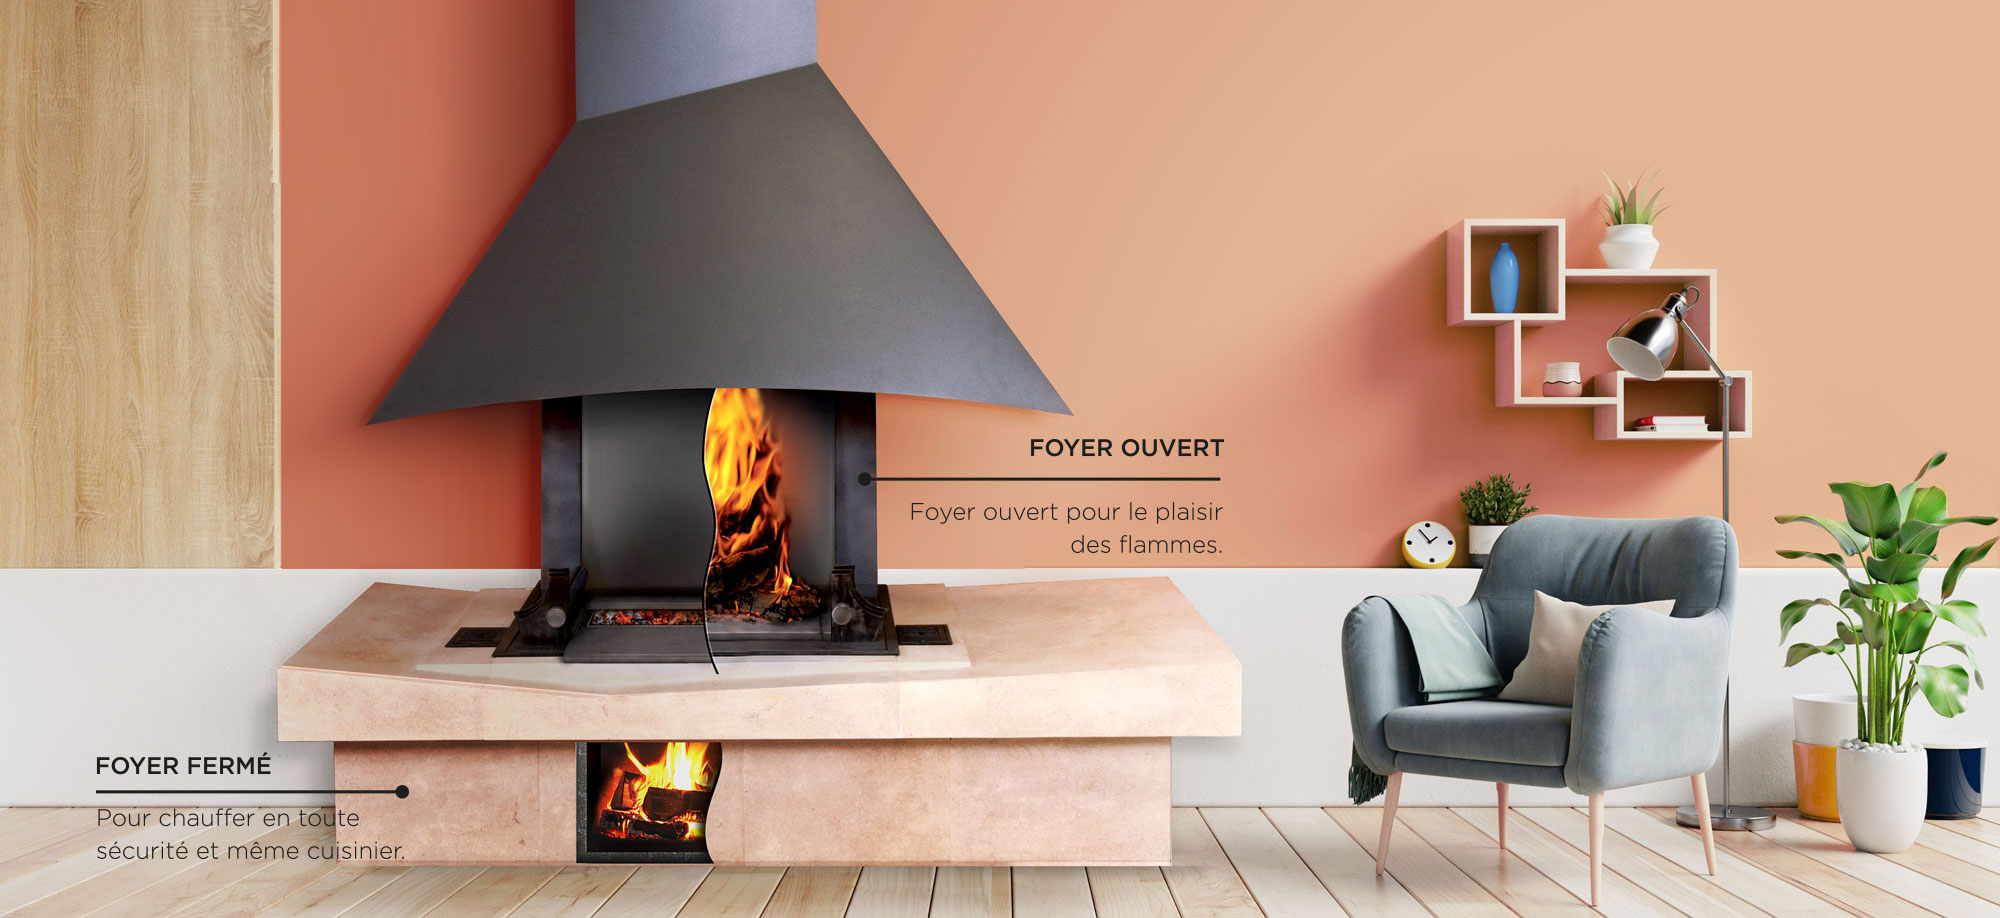 Double foyer à bois Polyflam avec 4 fonctions